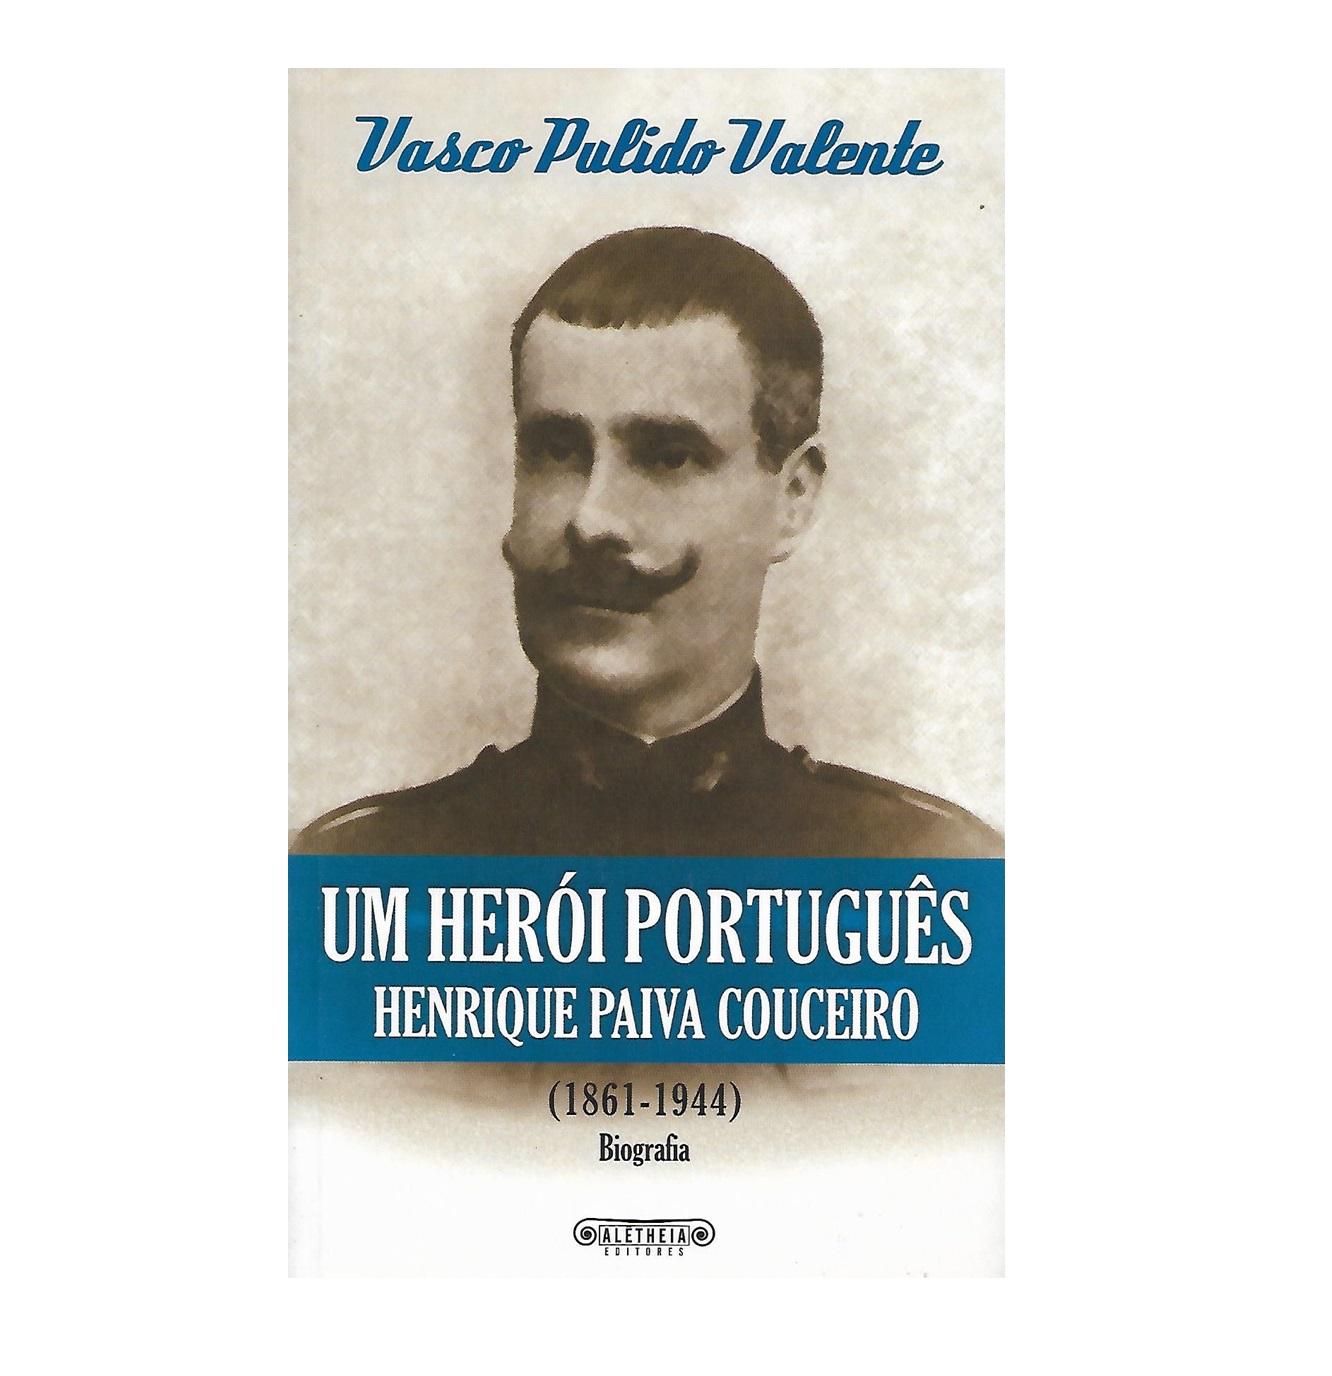 Um herói português. Henrique Paiva Couceiro (1861-1944)